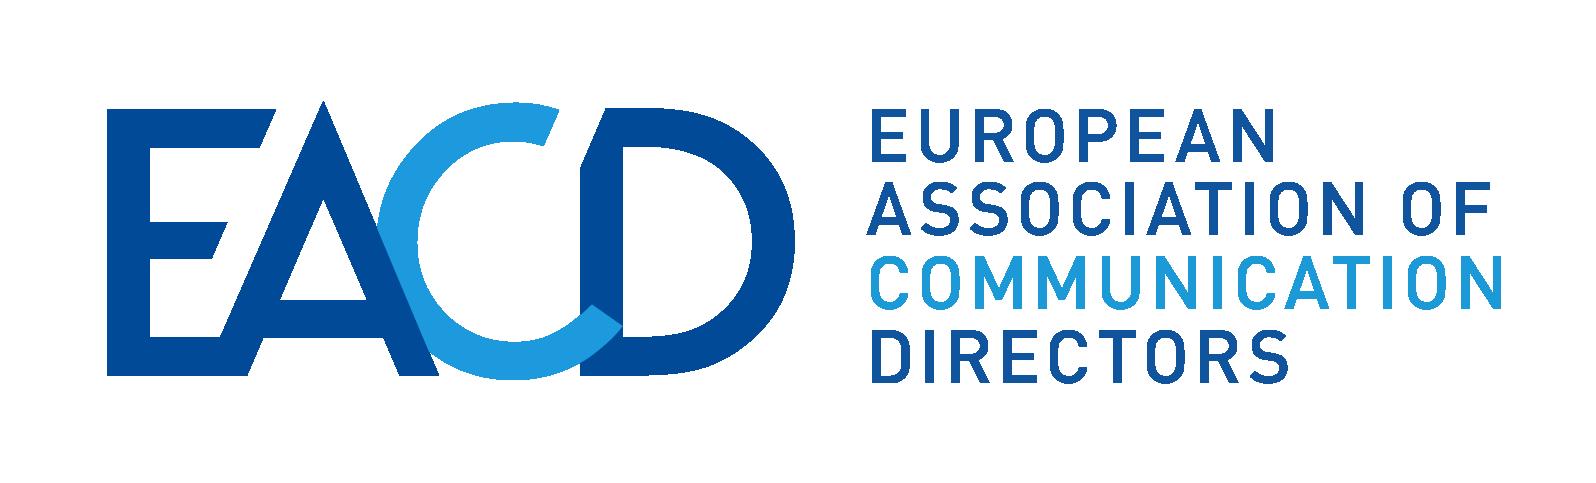 Eacd logo transp 06